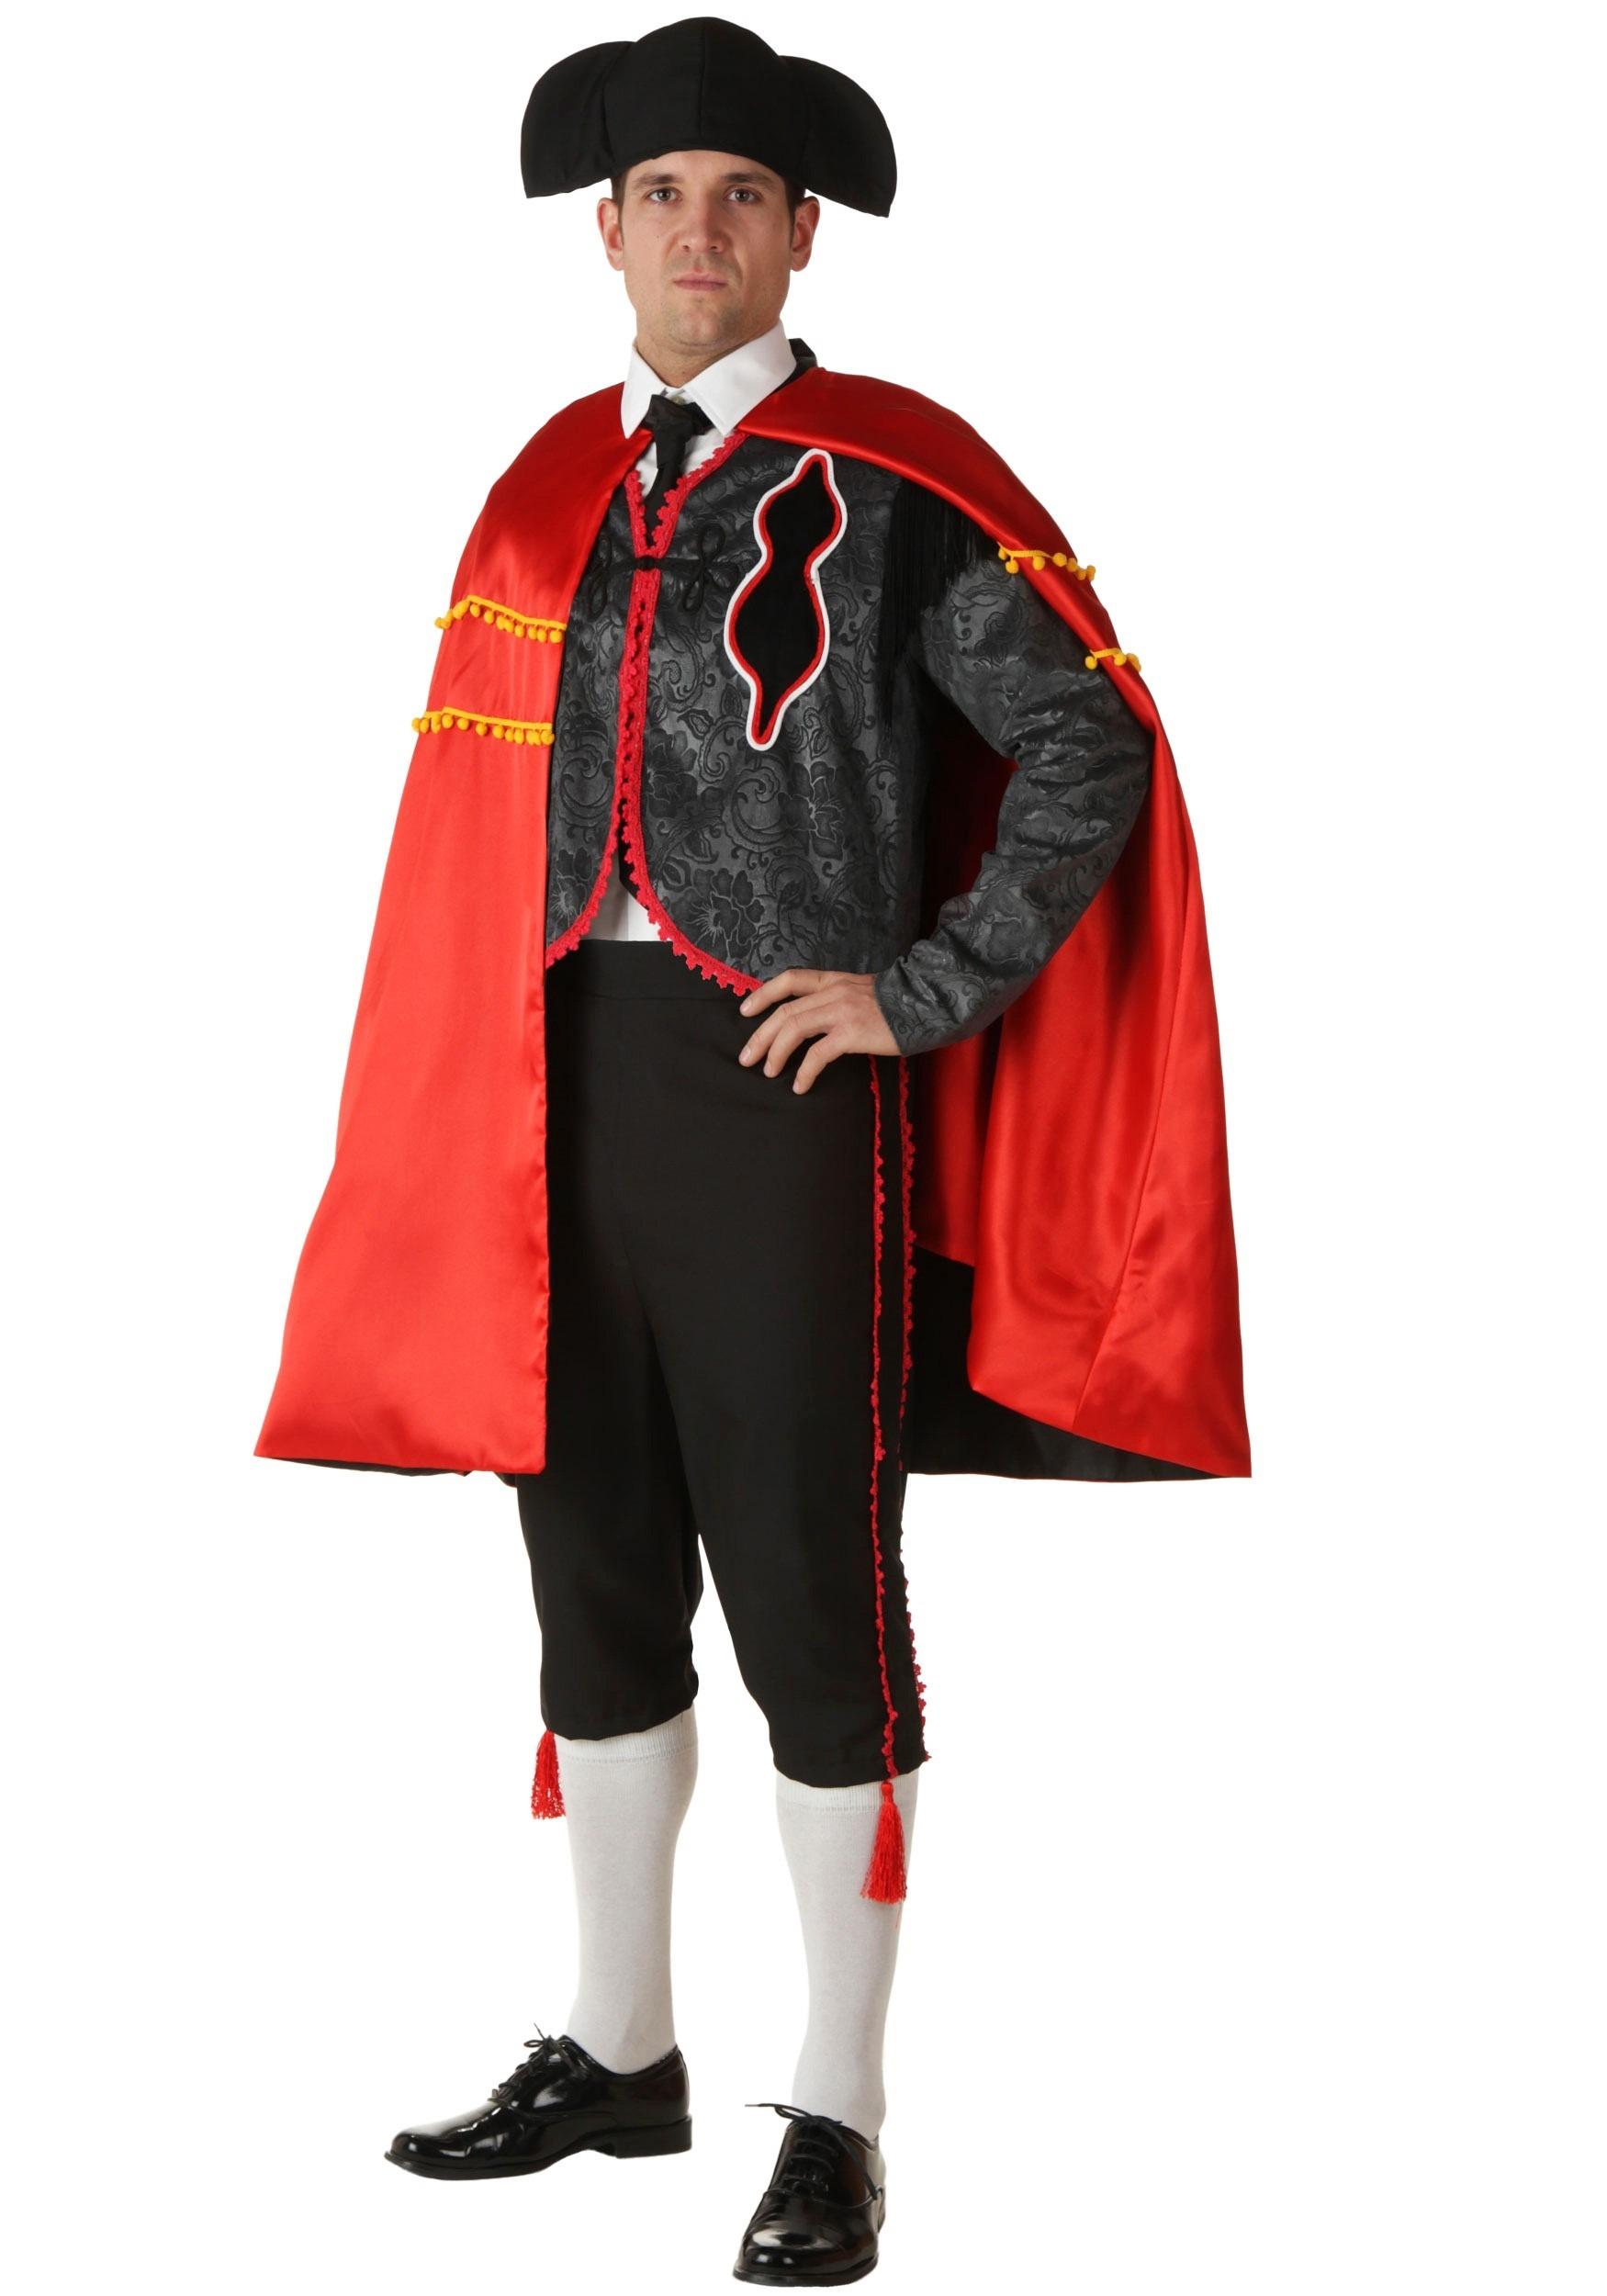 костюм испанца картинки латвии, как